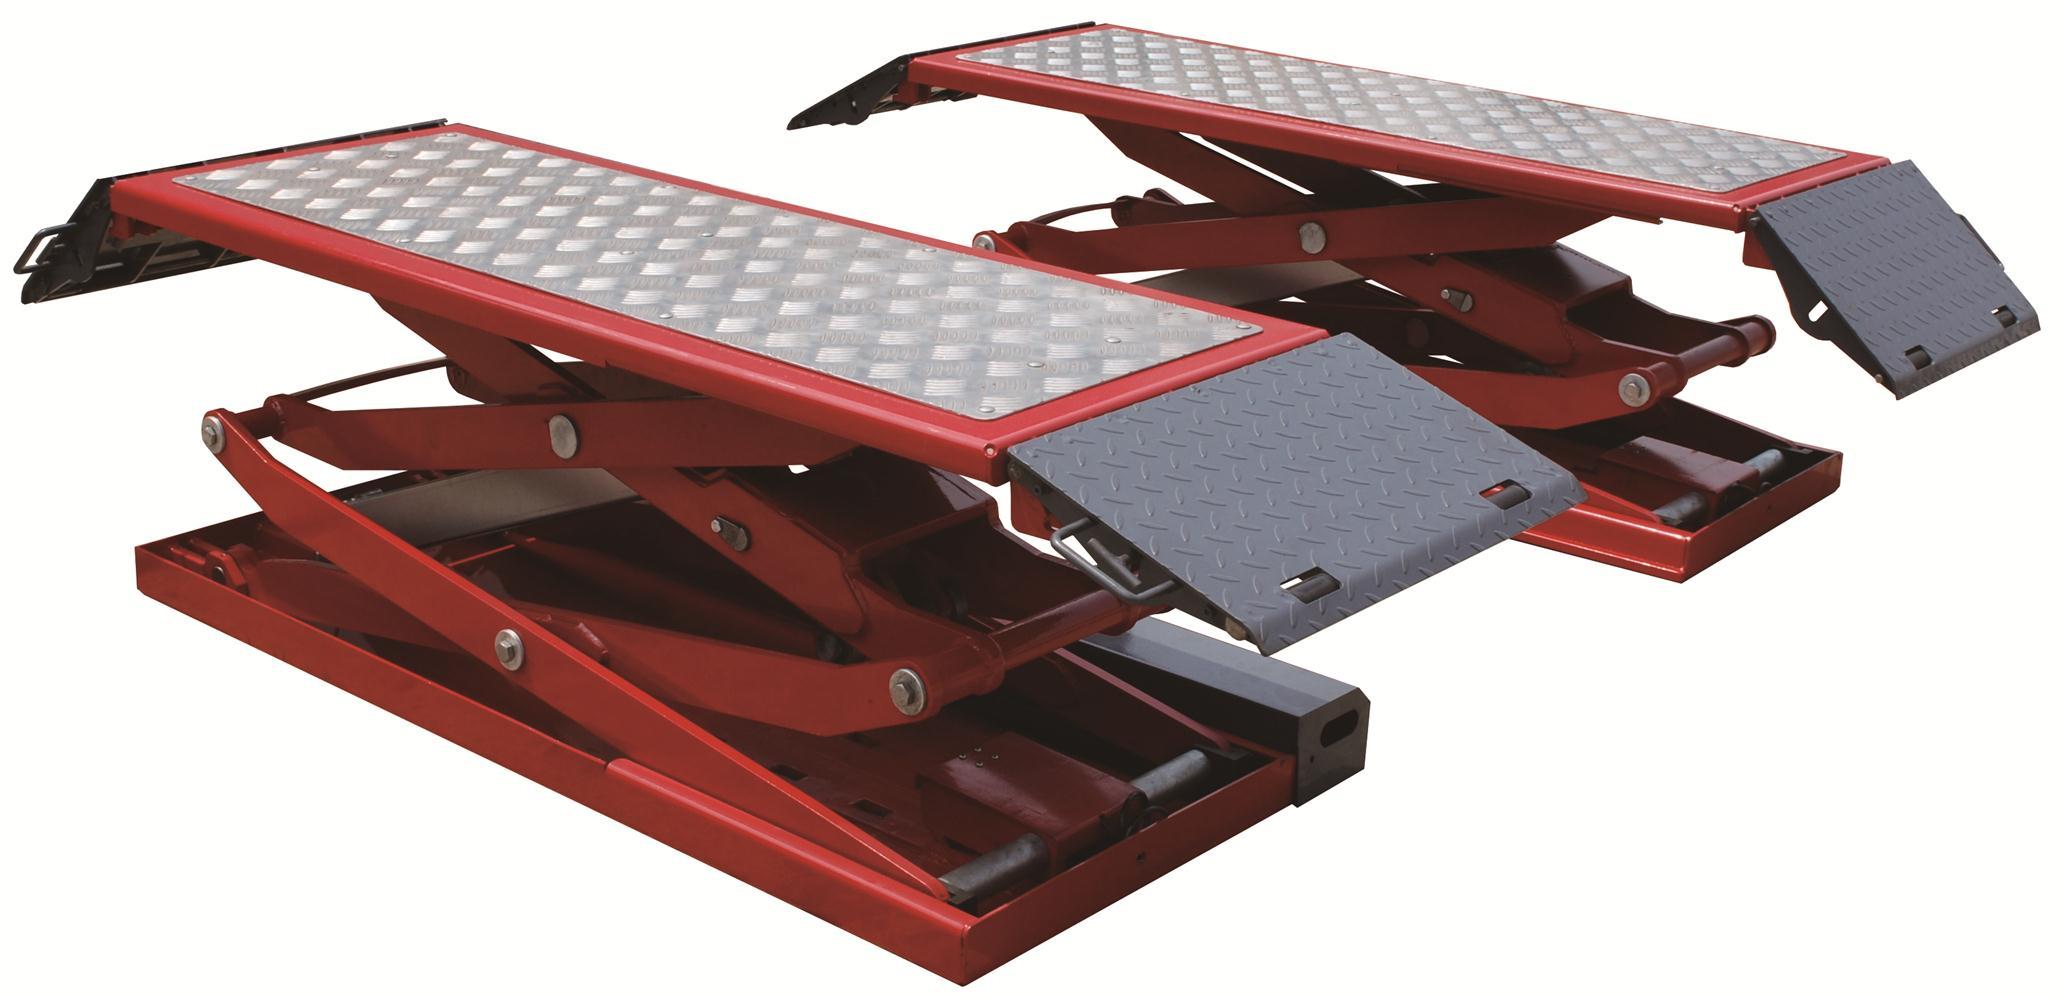 超薄小剪举升机批发-烟台哪里有供应质量好的超薄小剪举升机